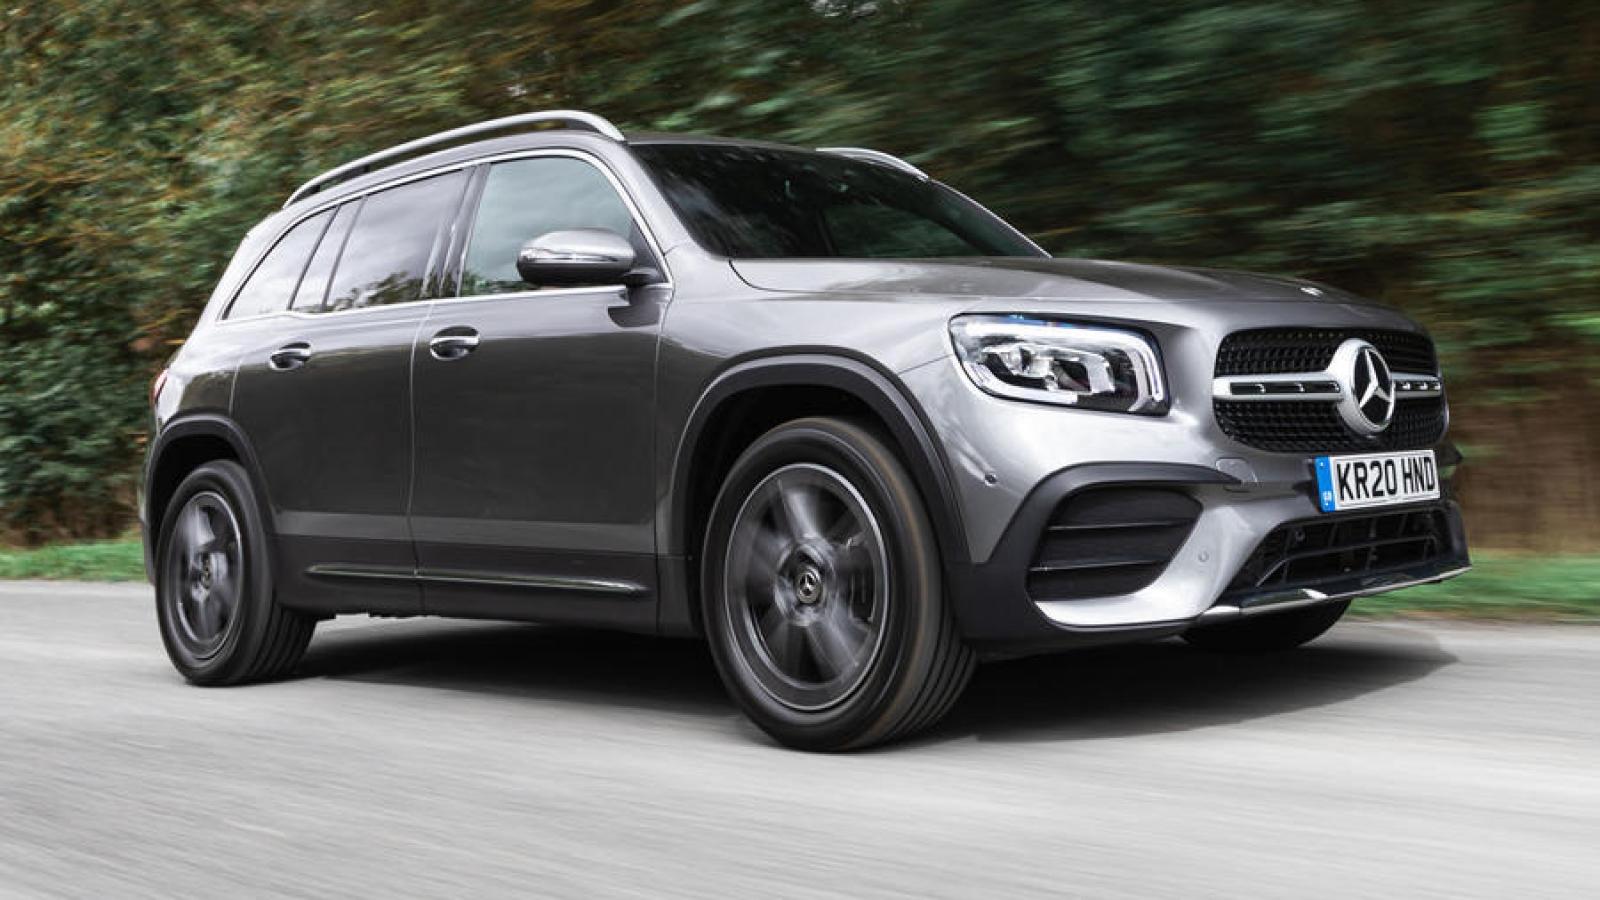 Top 10 mẫu SUV cỡ nhỏ phổ biến nhất 2021